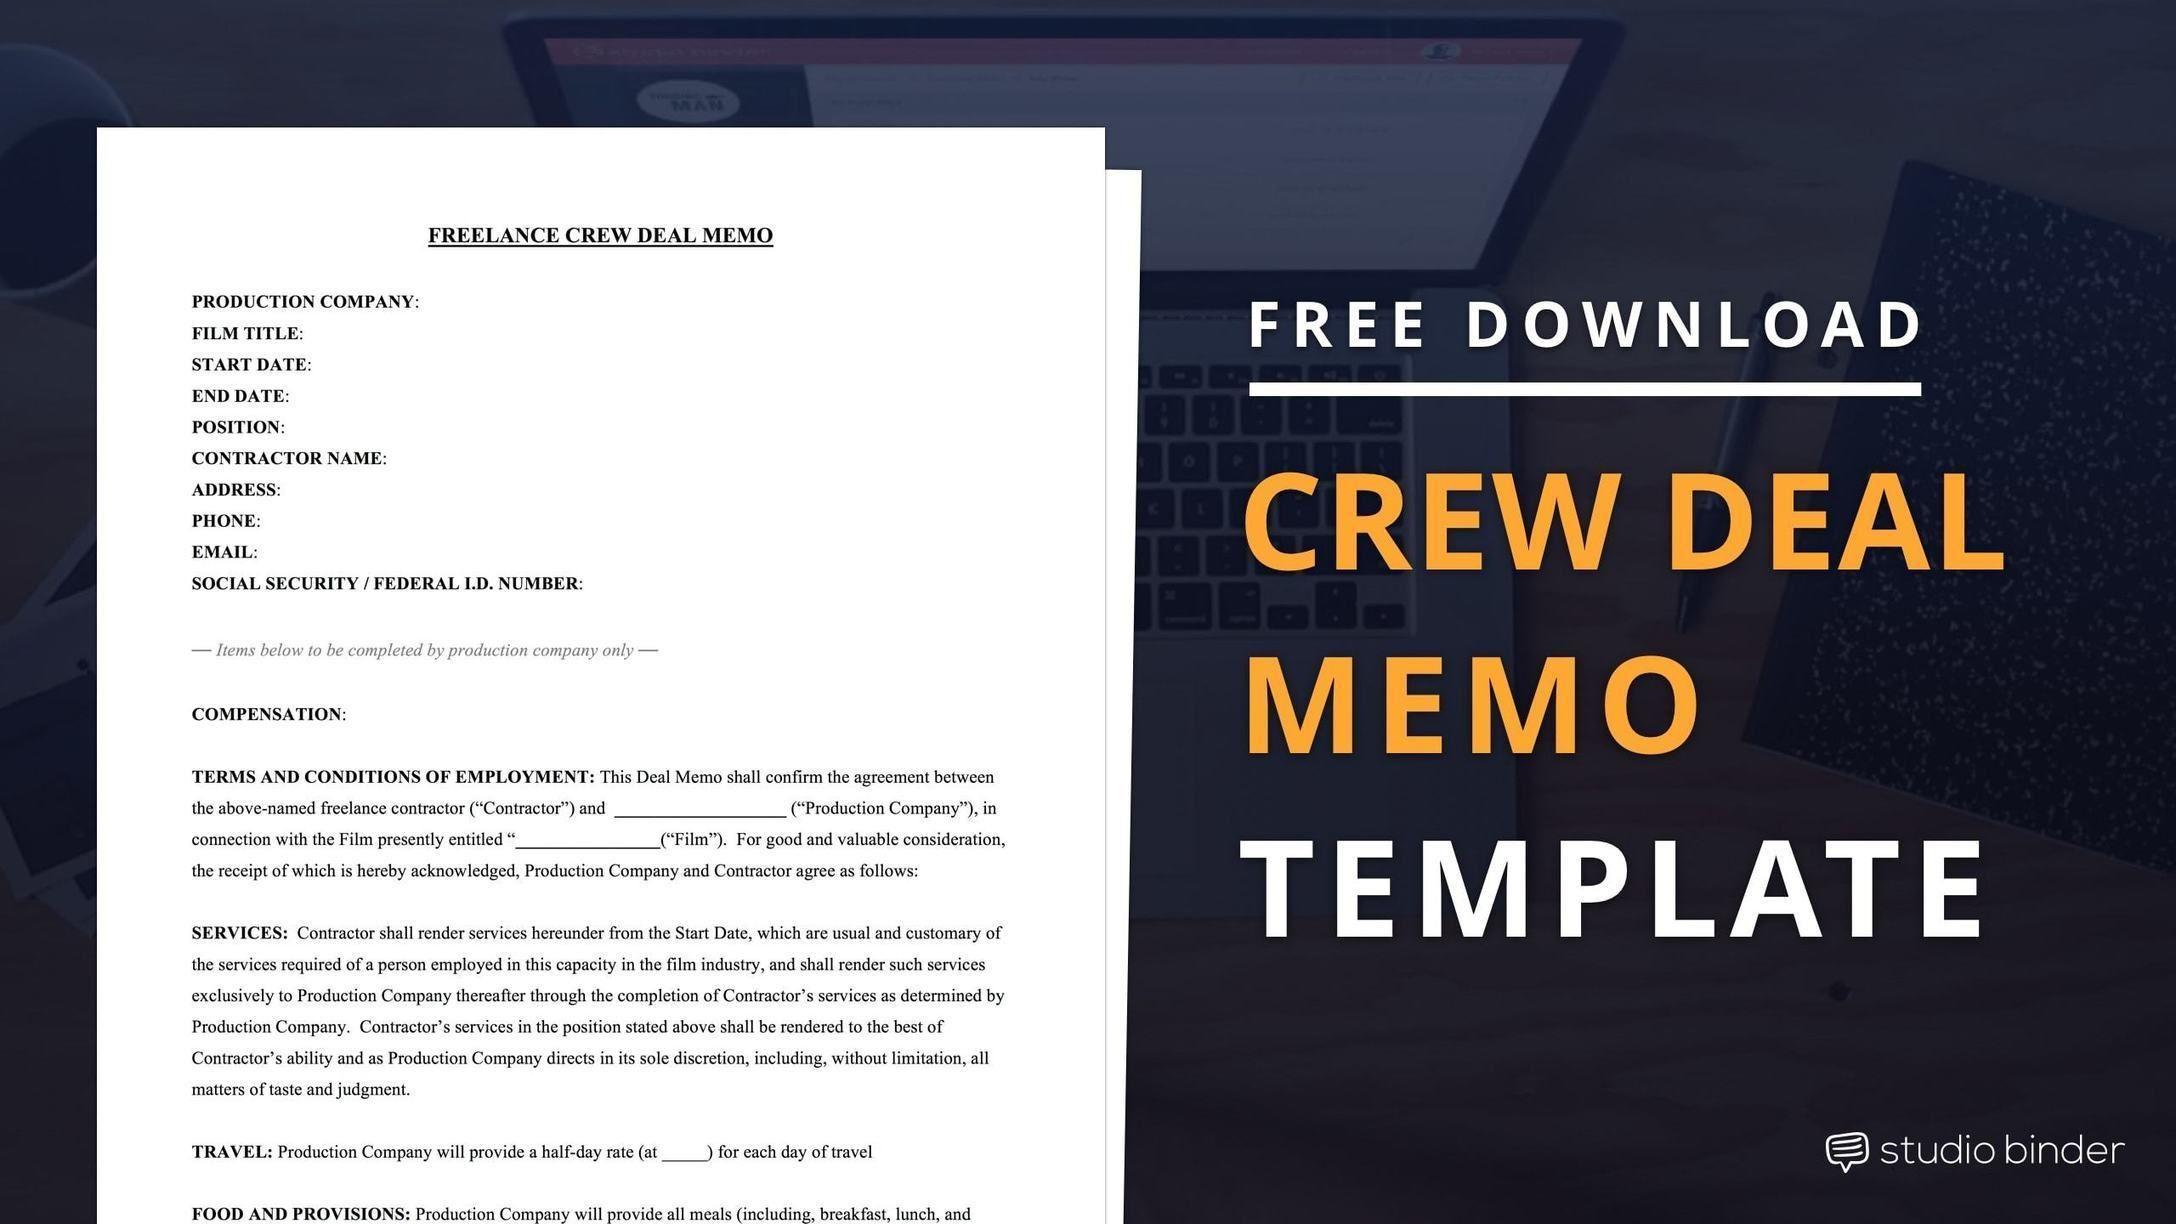 memo download free